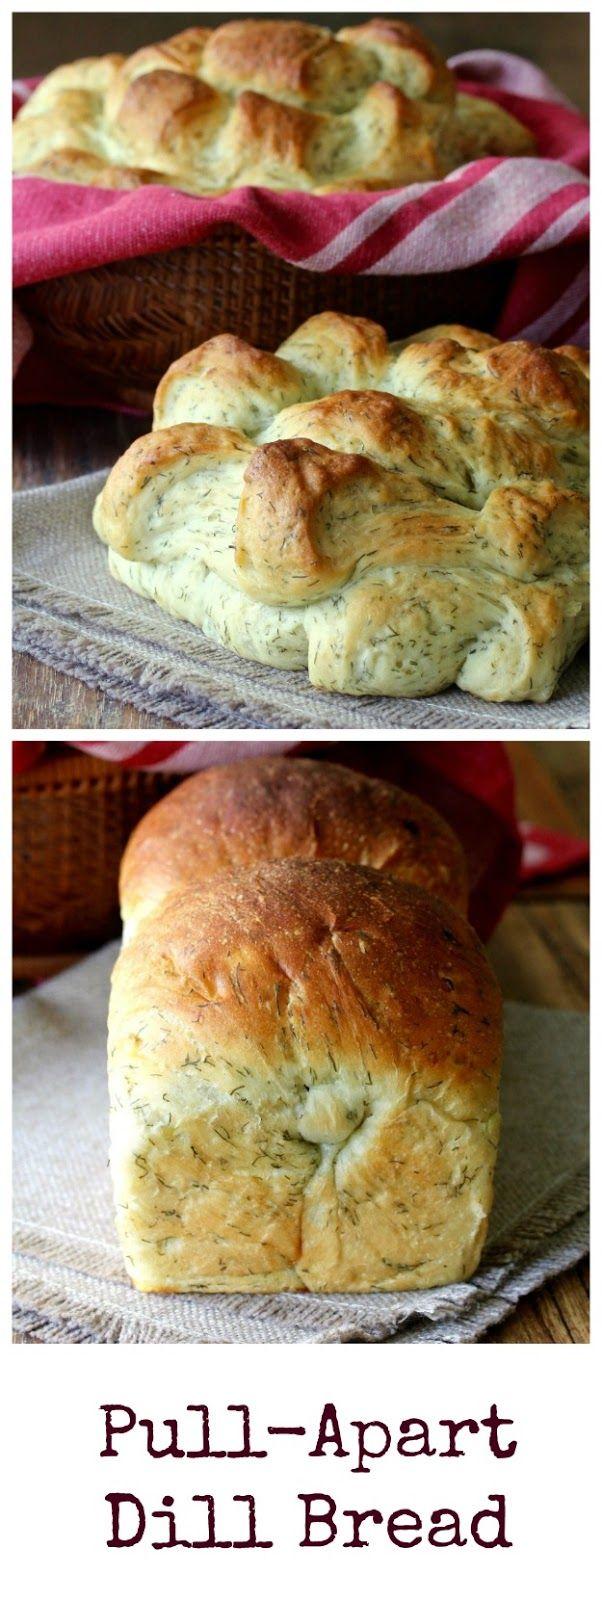 Pull-Apart Dill Bread